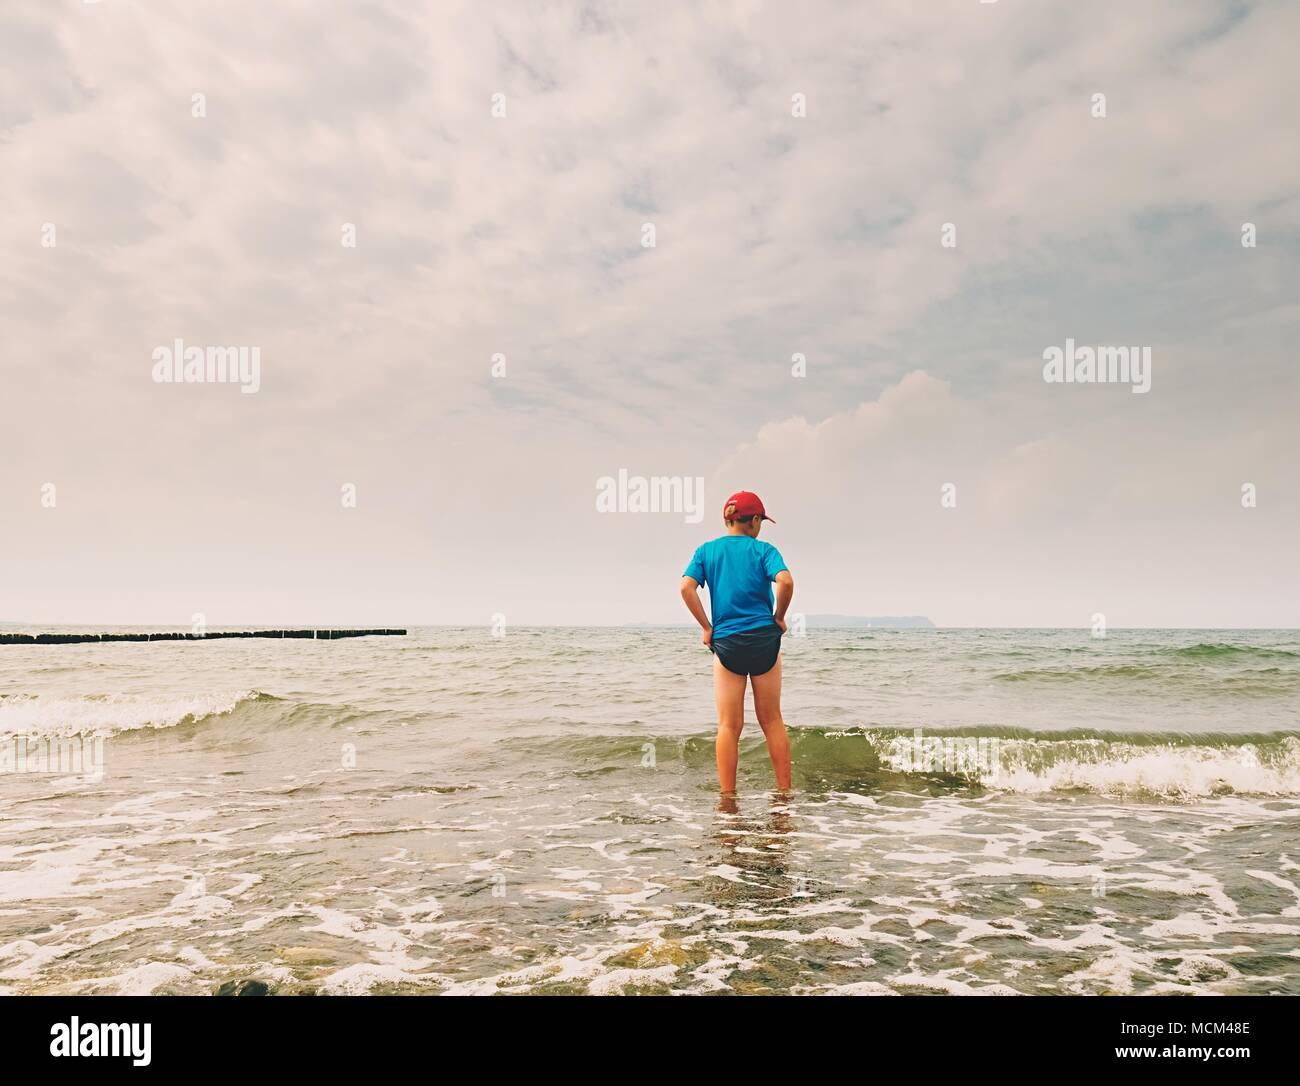 Los niños ir a la playa en el océano. Kid juega con las olas del mar espumoso. Imagen De Stock